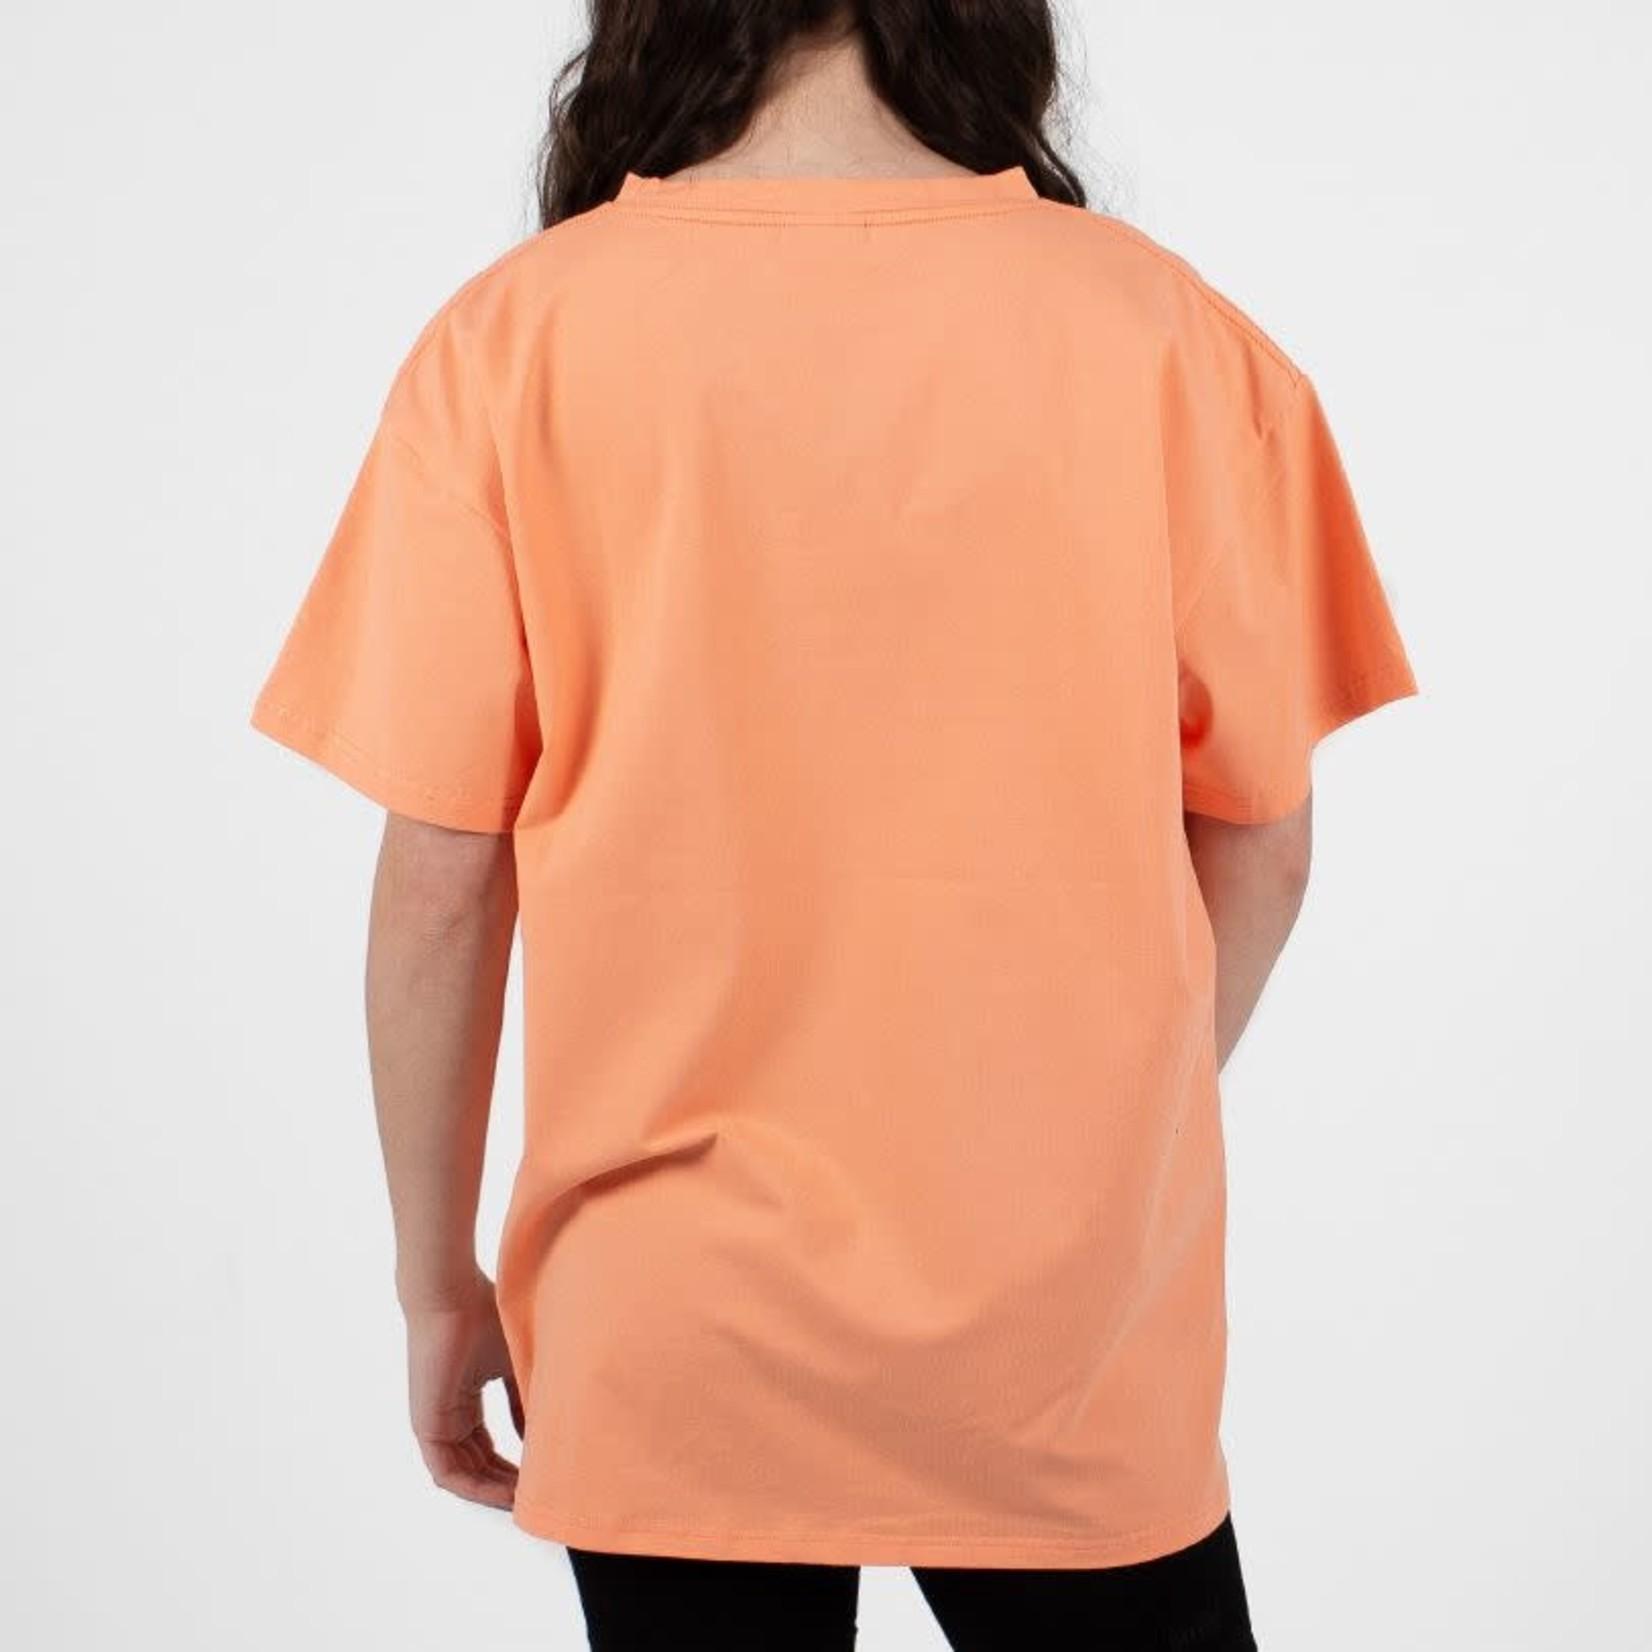 WLKN WLKN : Oversized T-Shirt